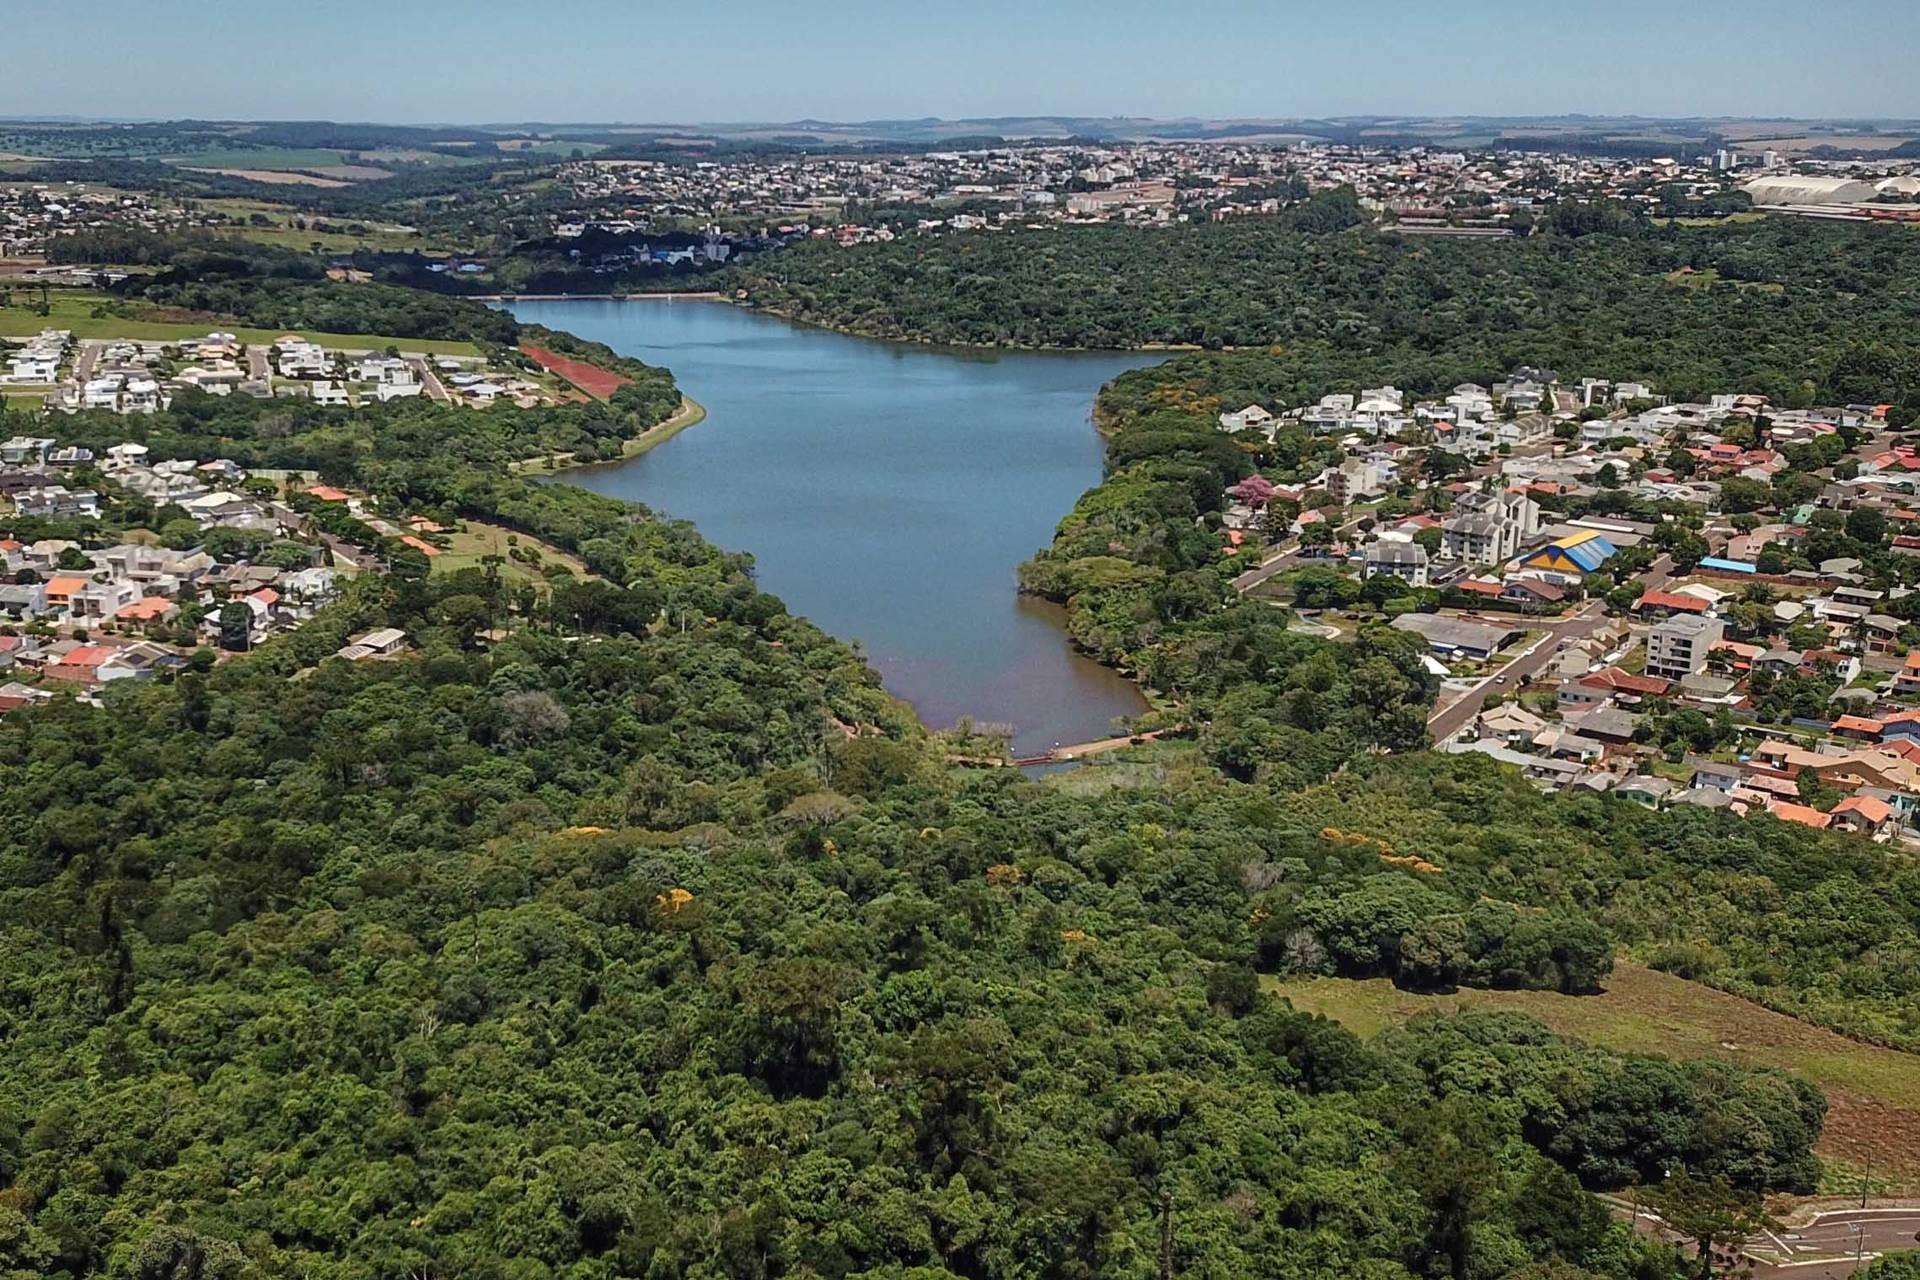 Sanepar reabre registro do Lago de Cascavel para ajudar no abastecimento de água